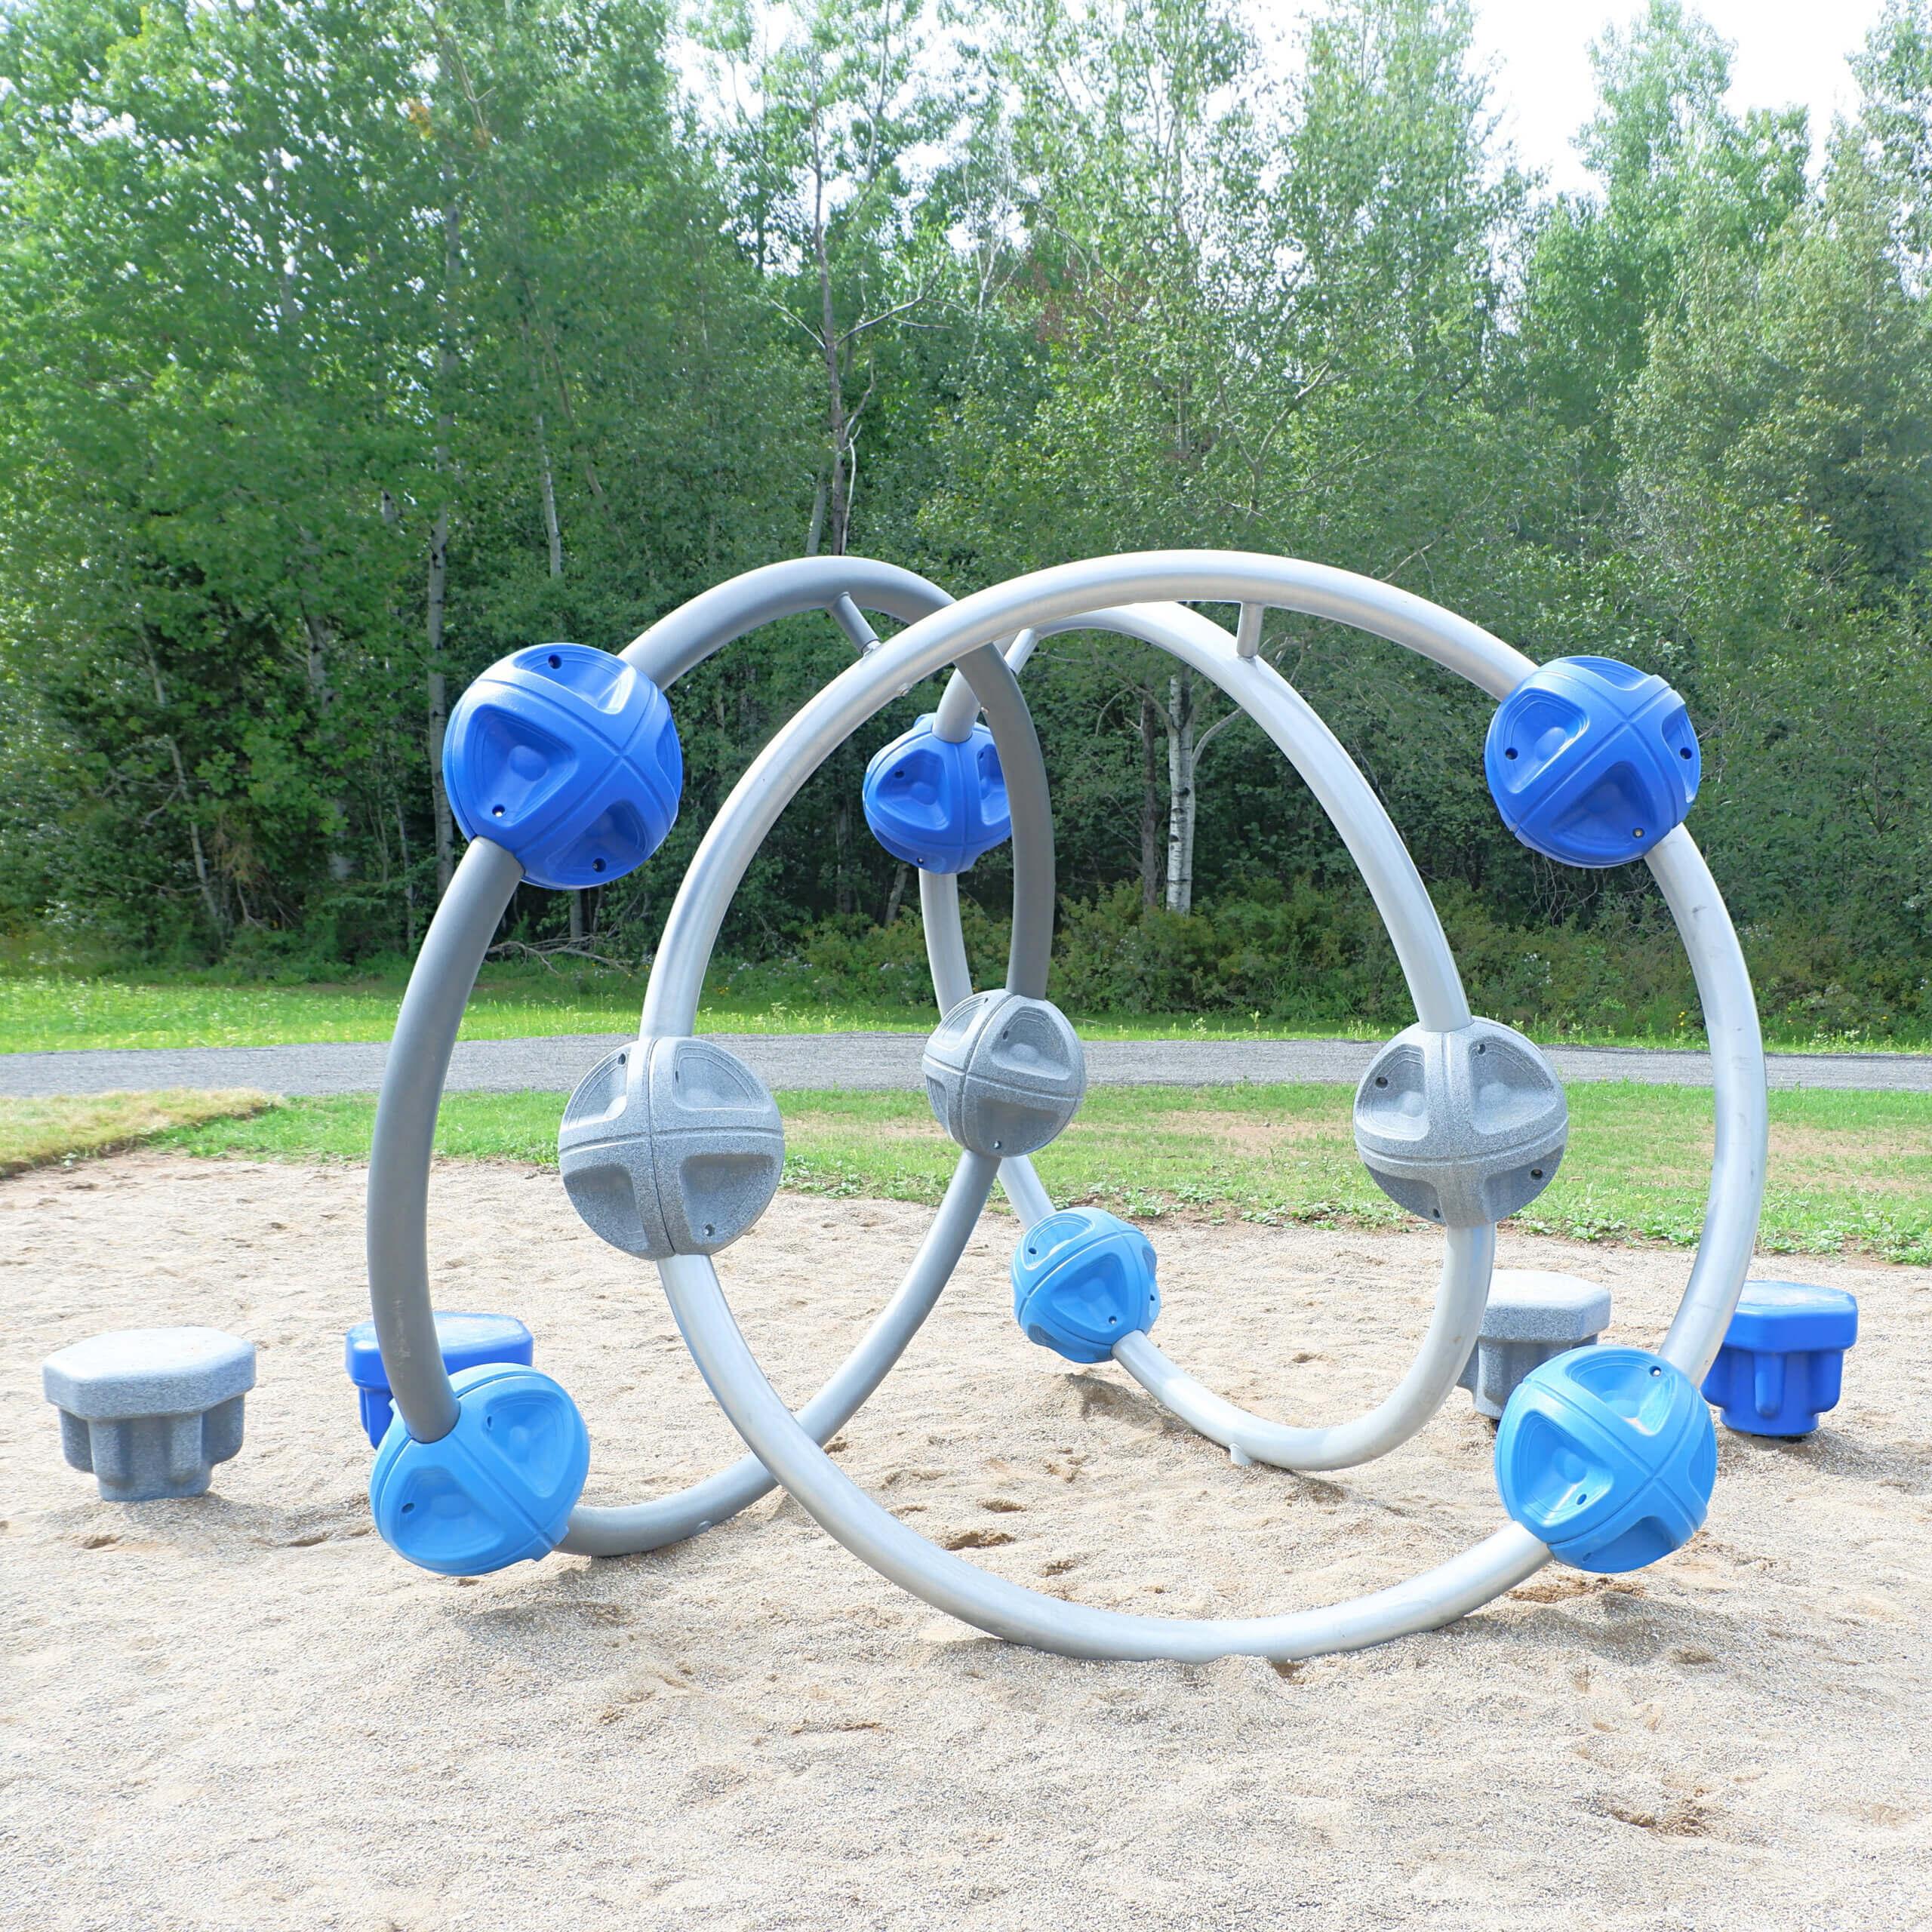 riverview parkour pump track pickle planet moncton playground climbing